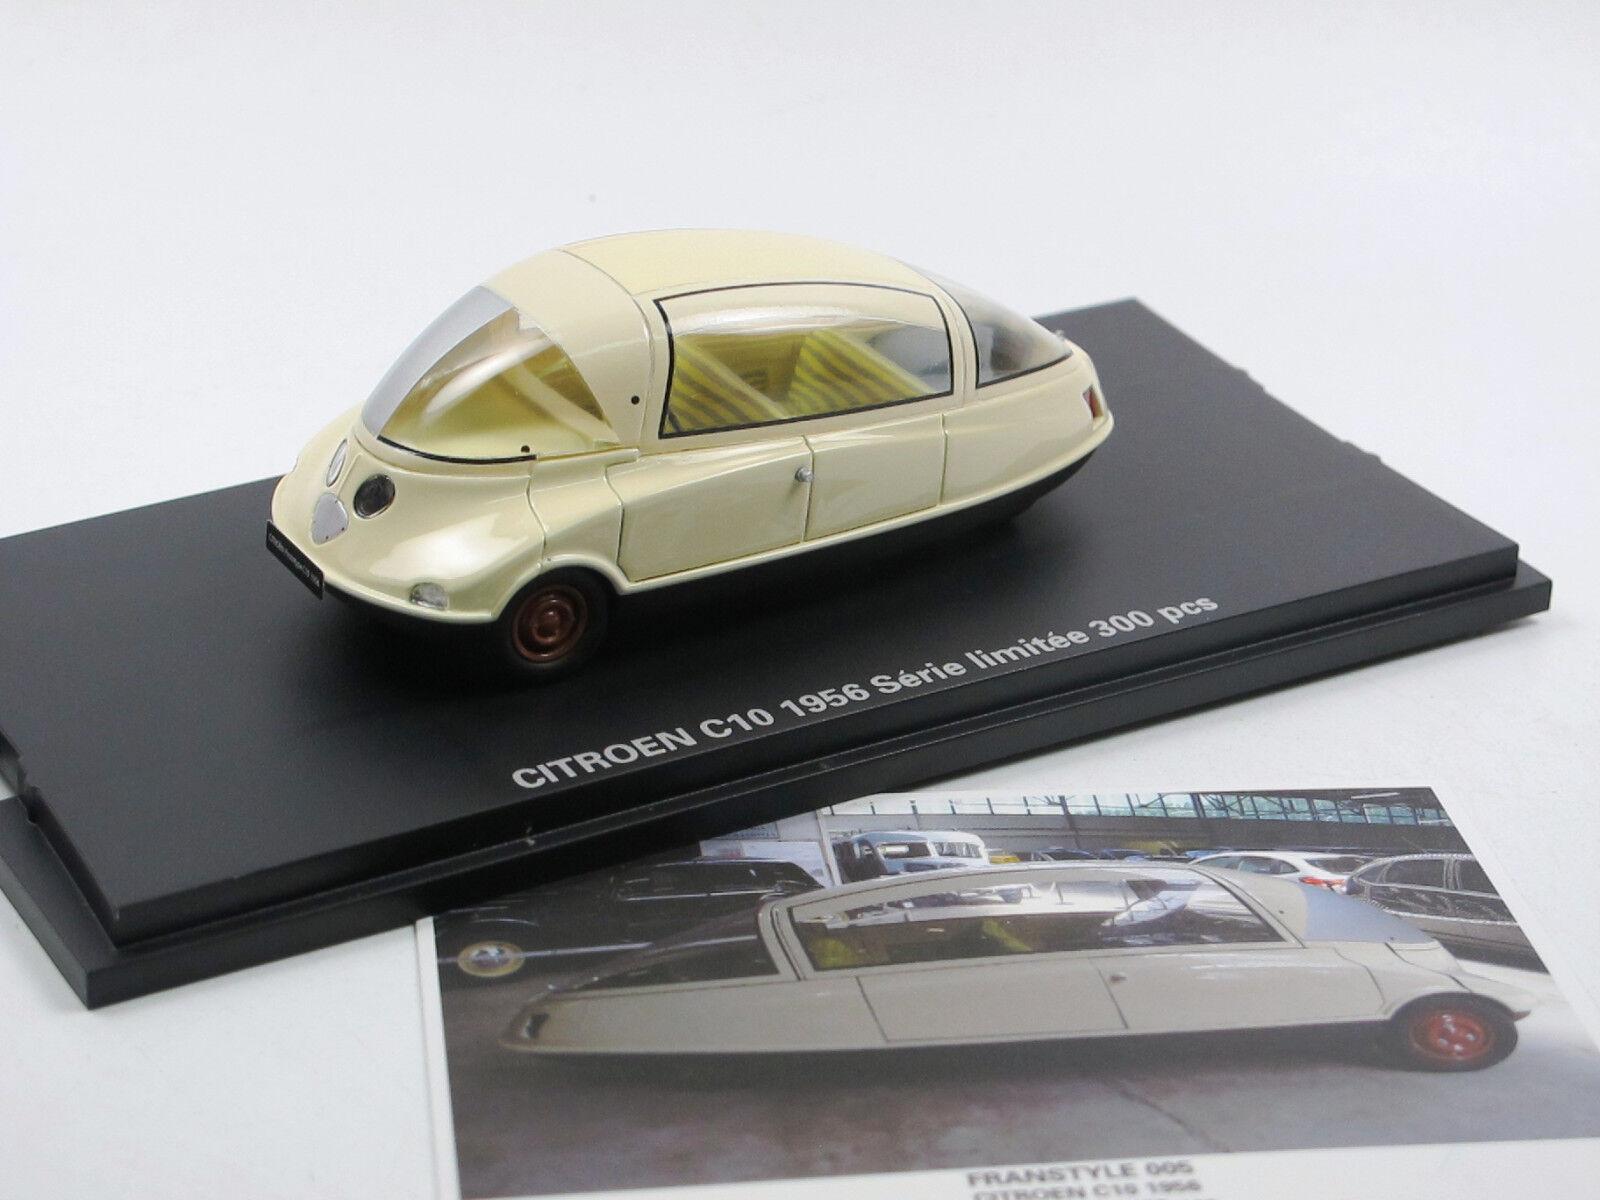 Franstyle 005 von generaldirektoren - citroen (1956 1 43 coccinelle concept car